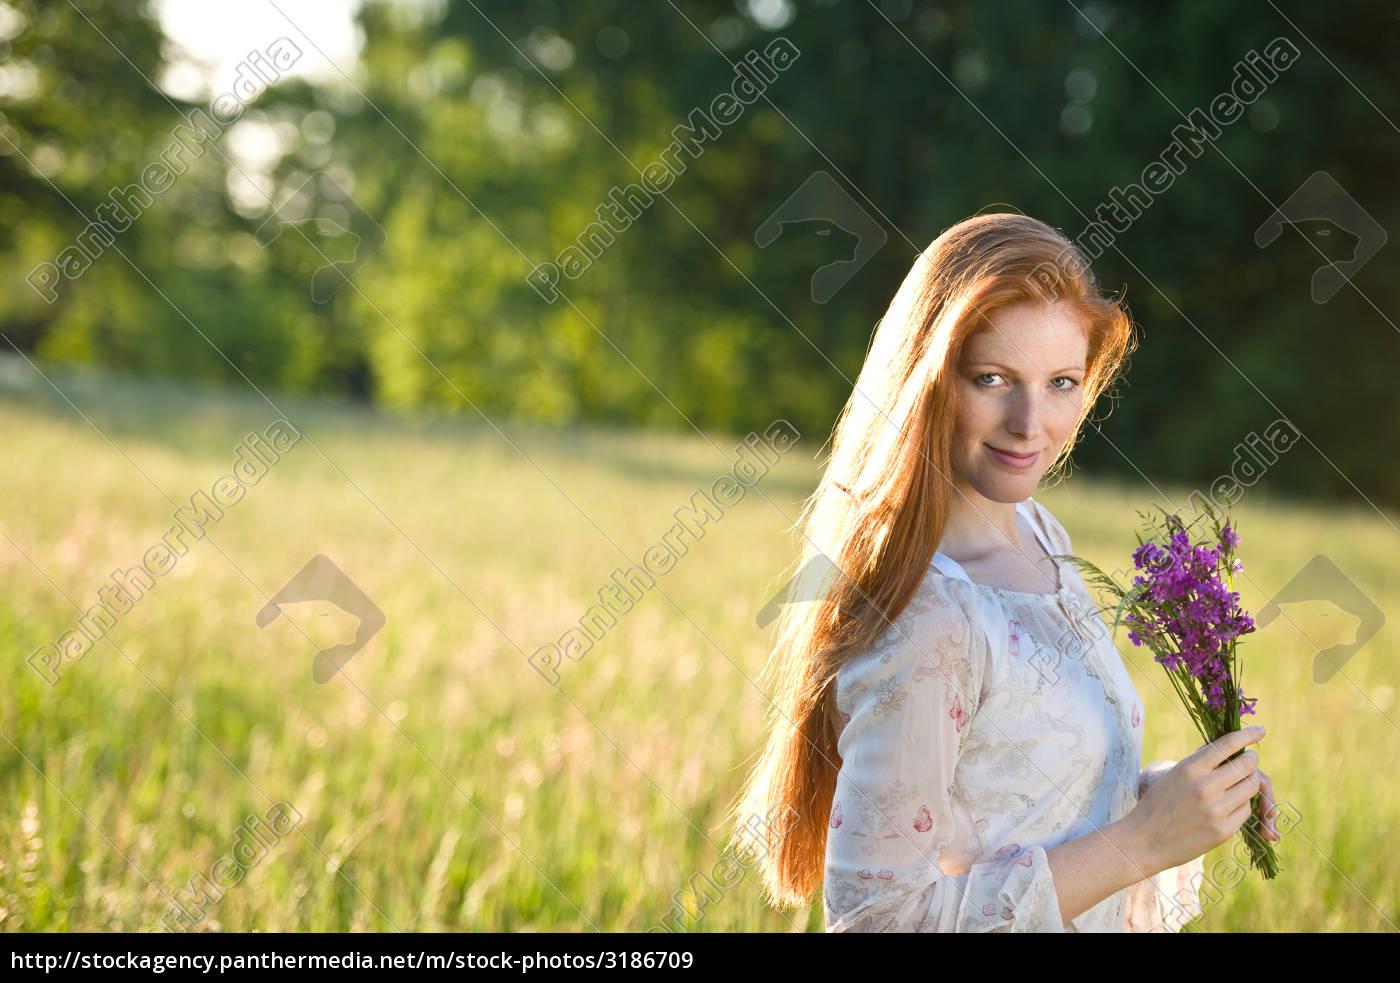 Lizenzfreies Bild 3186709 Lange Rote Haare Frau In Romantischer Sonnenuntergangs Wiese